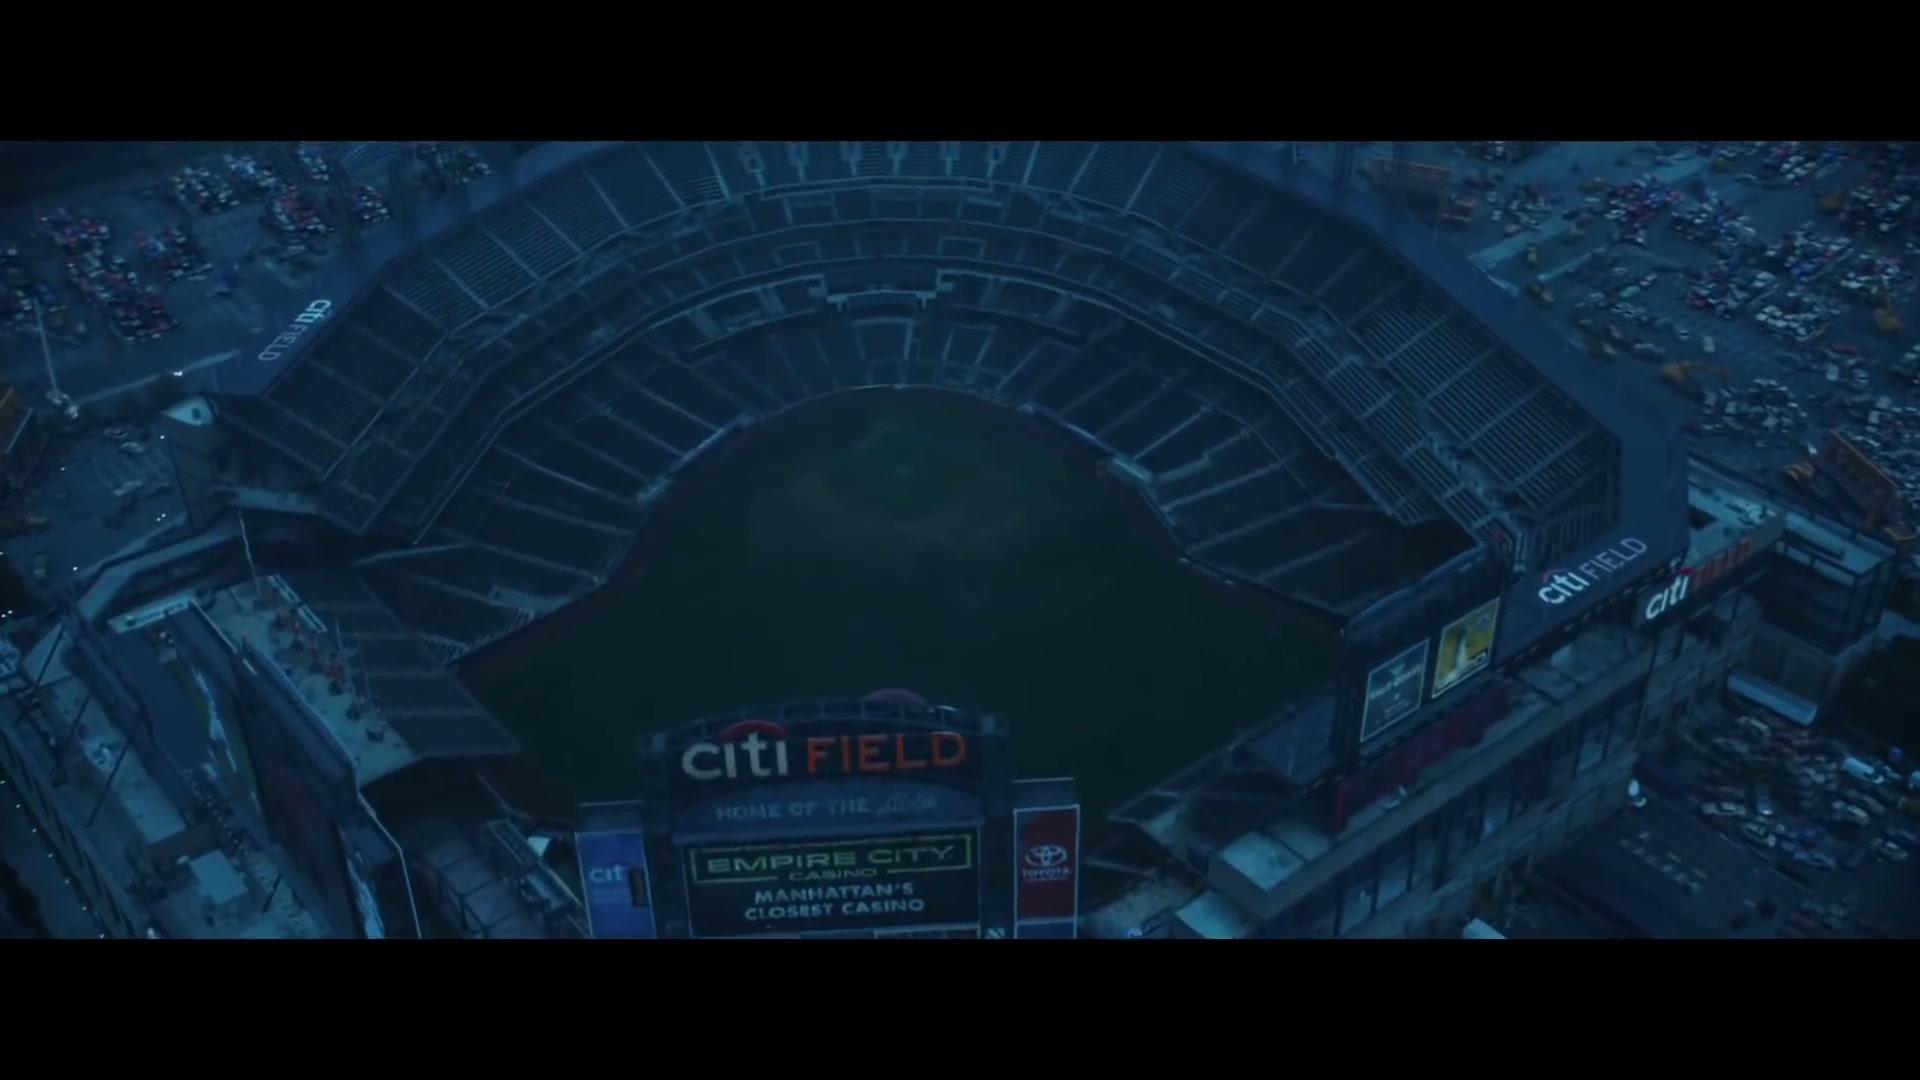 Madison Square Garden: Citi Field New York City Stadium In Avengers: Endgame